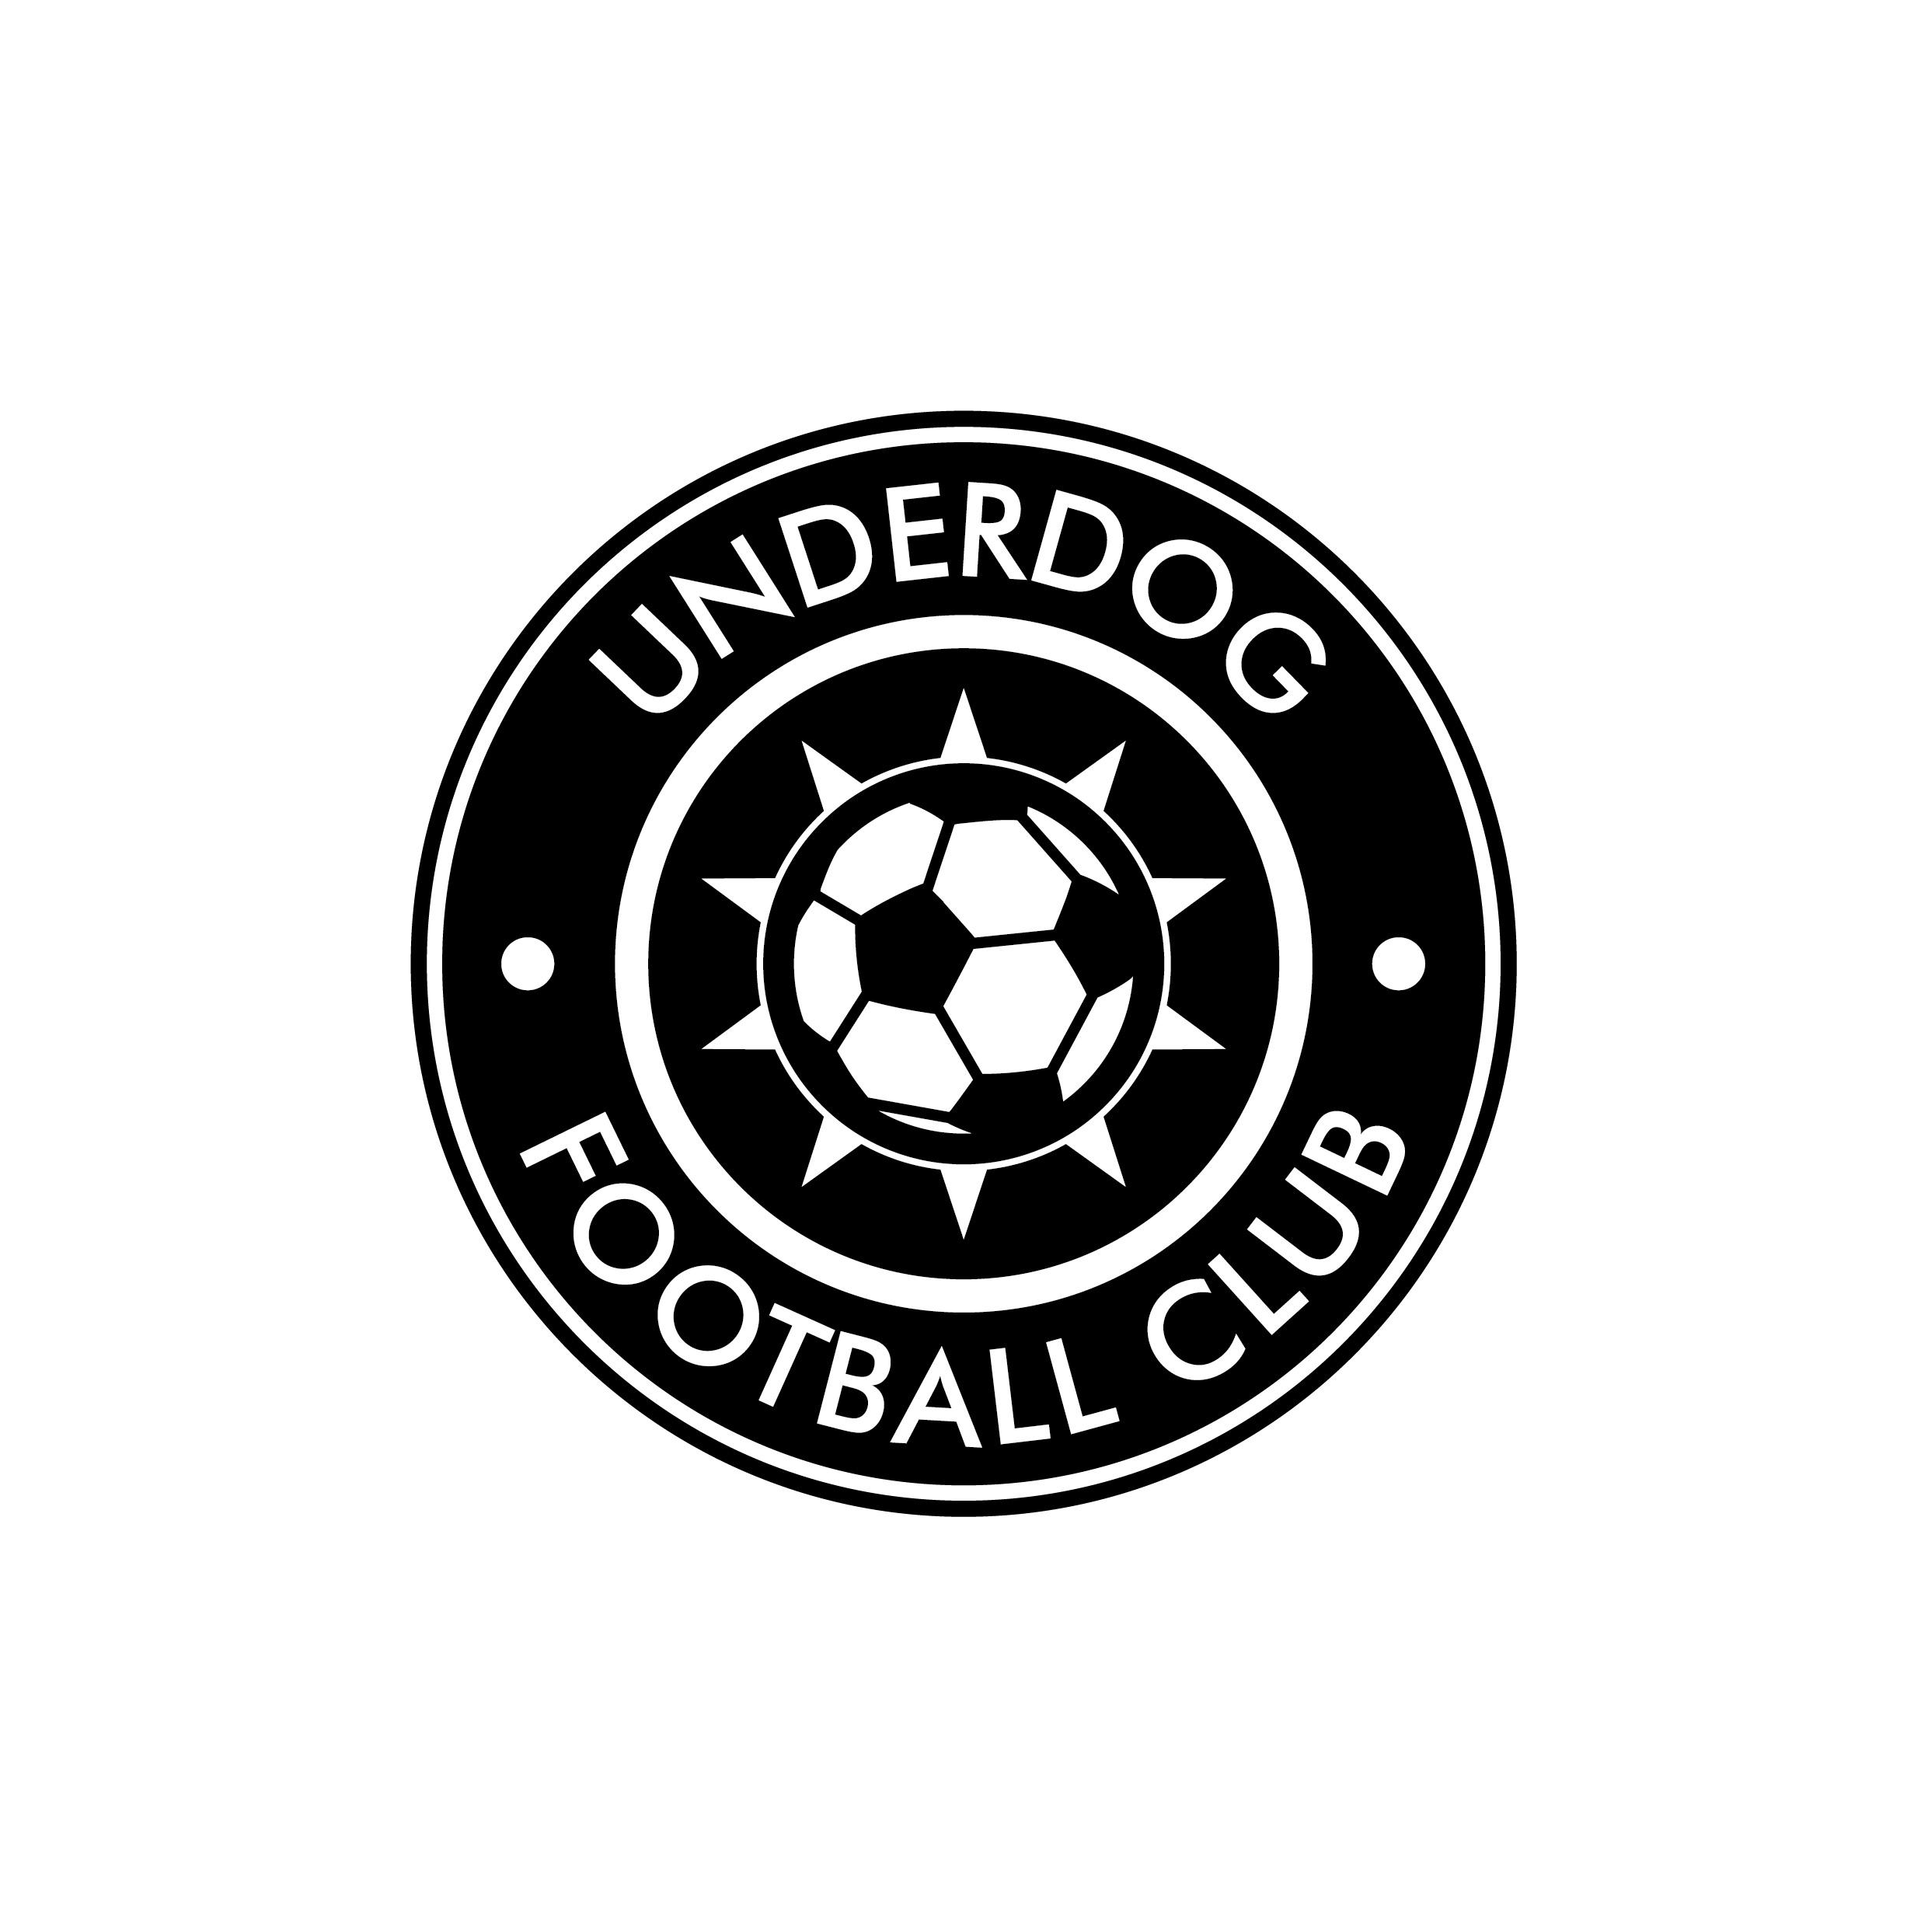 Футбольный клуб UNDERDOG - разработать фирстиль и бренд-бук фото f_0625cb08639a13ba.jpg